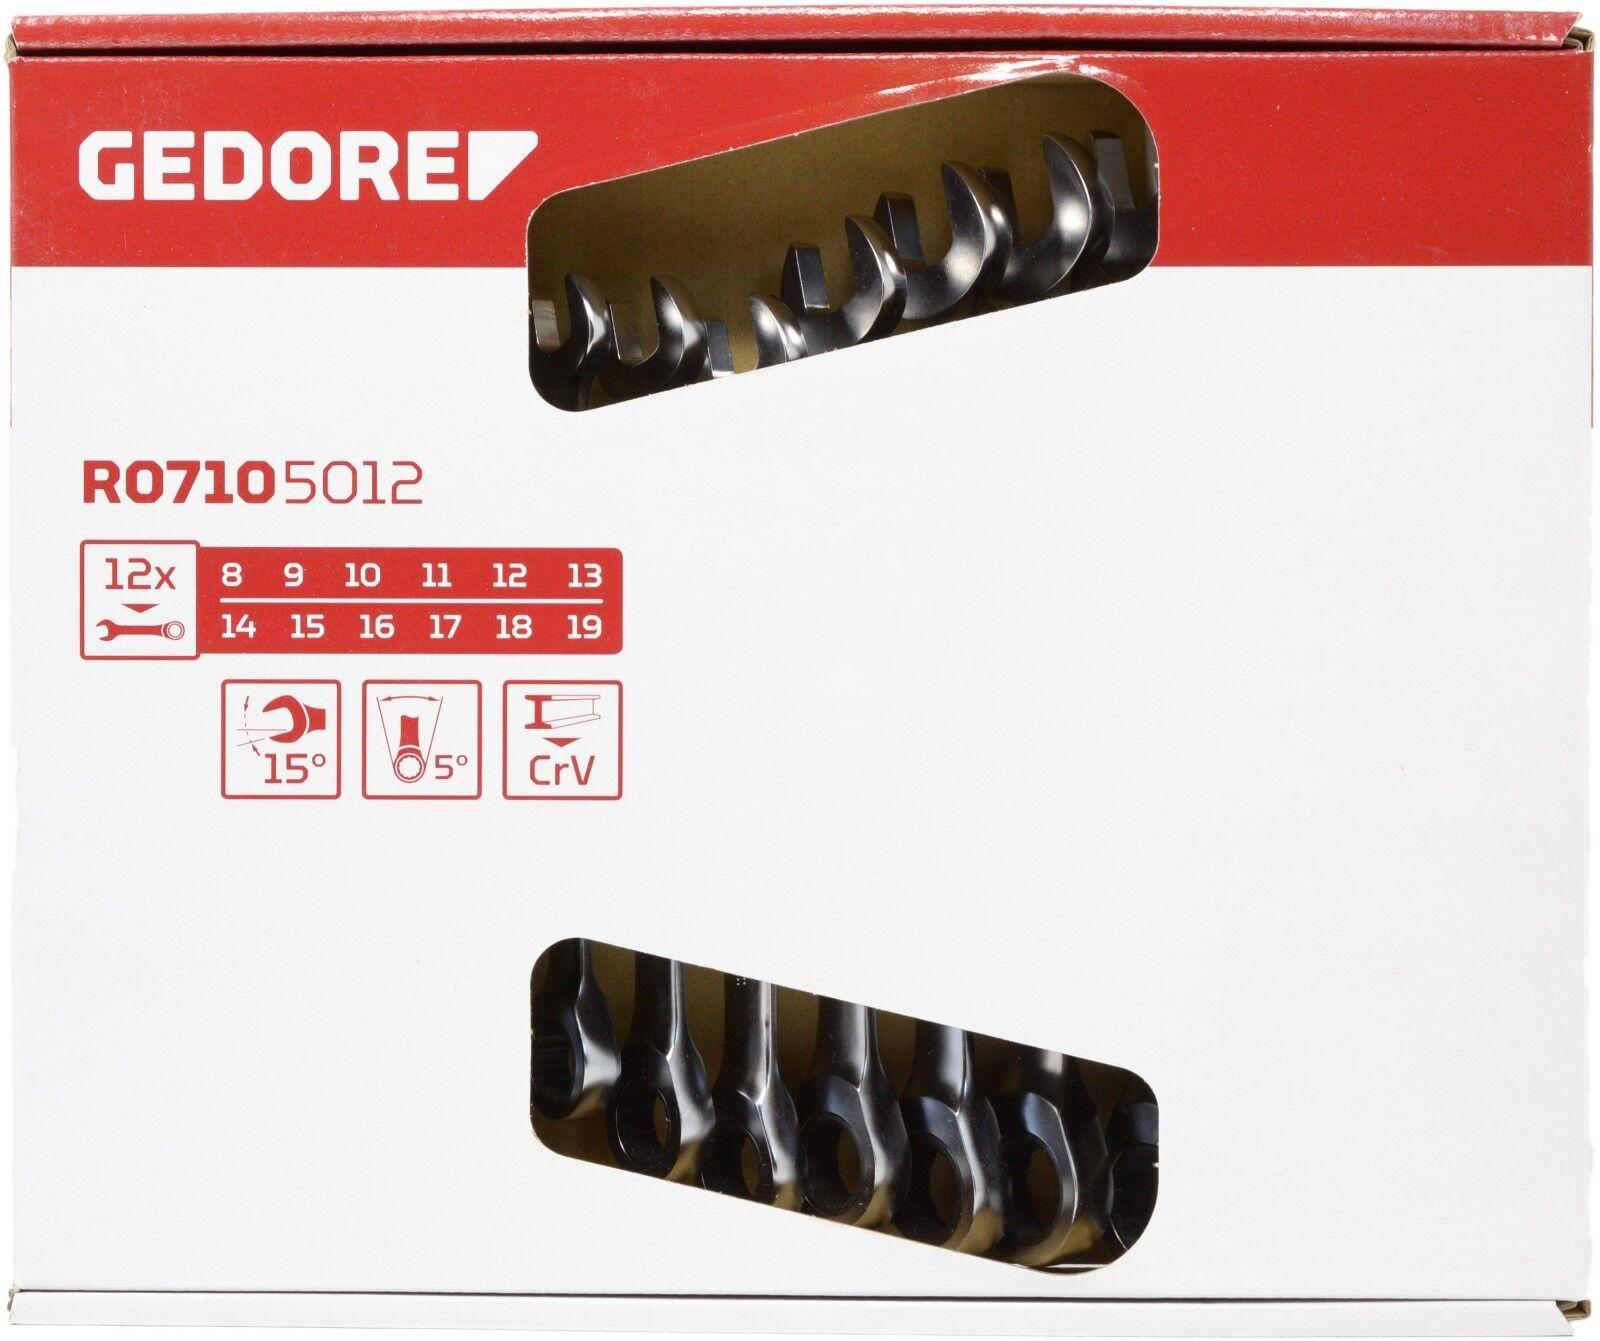 GEDORE R07105012 MAUL-RINGRATSCHENSCHLÜSSEL-SATZ 12-tlg.   8 - 19 mm